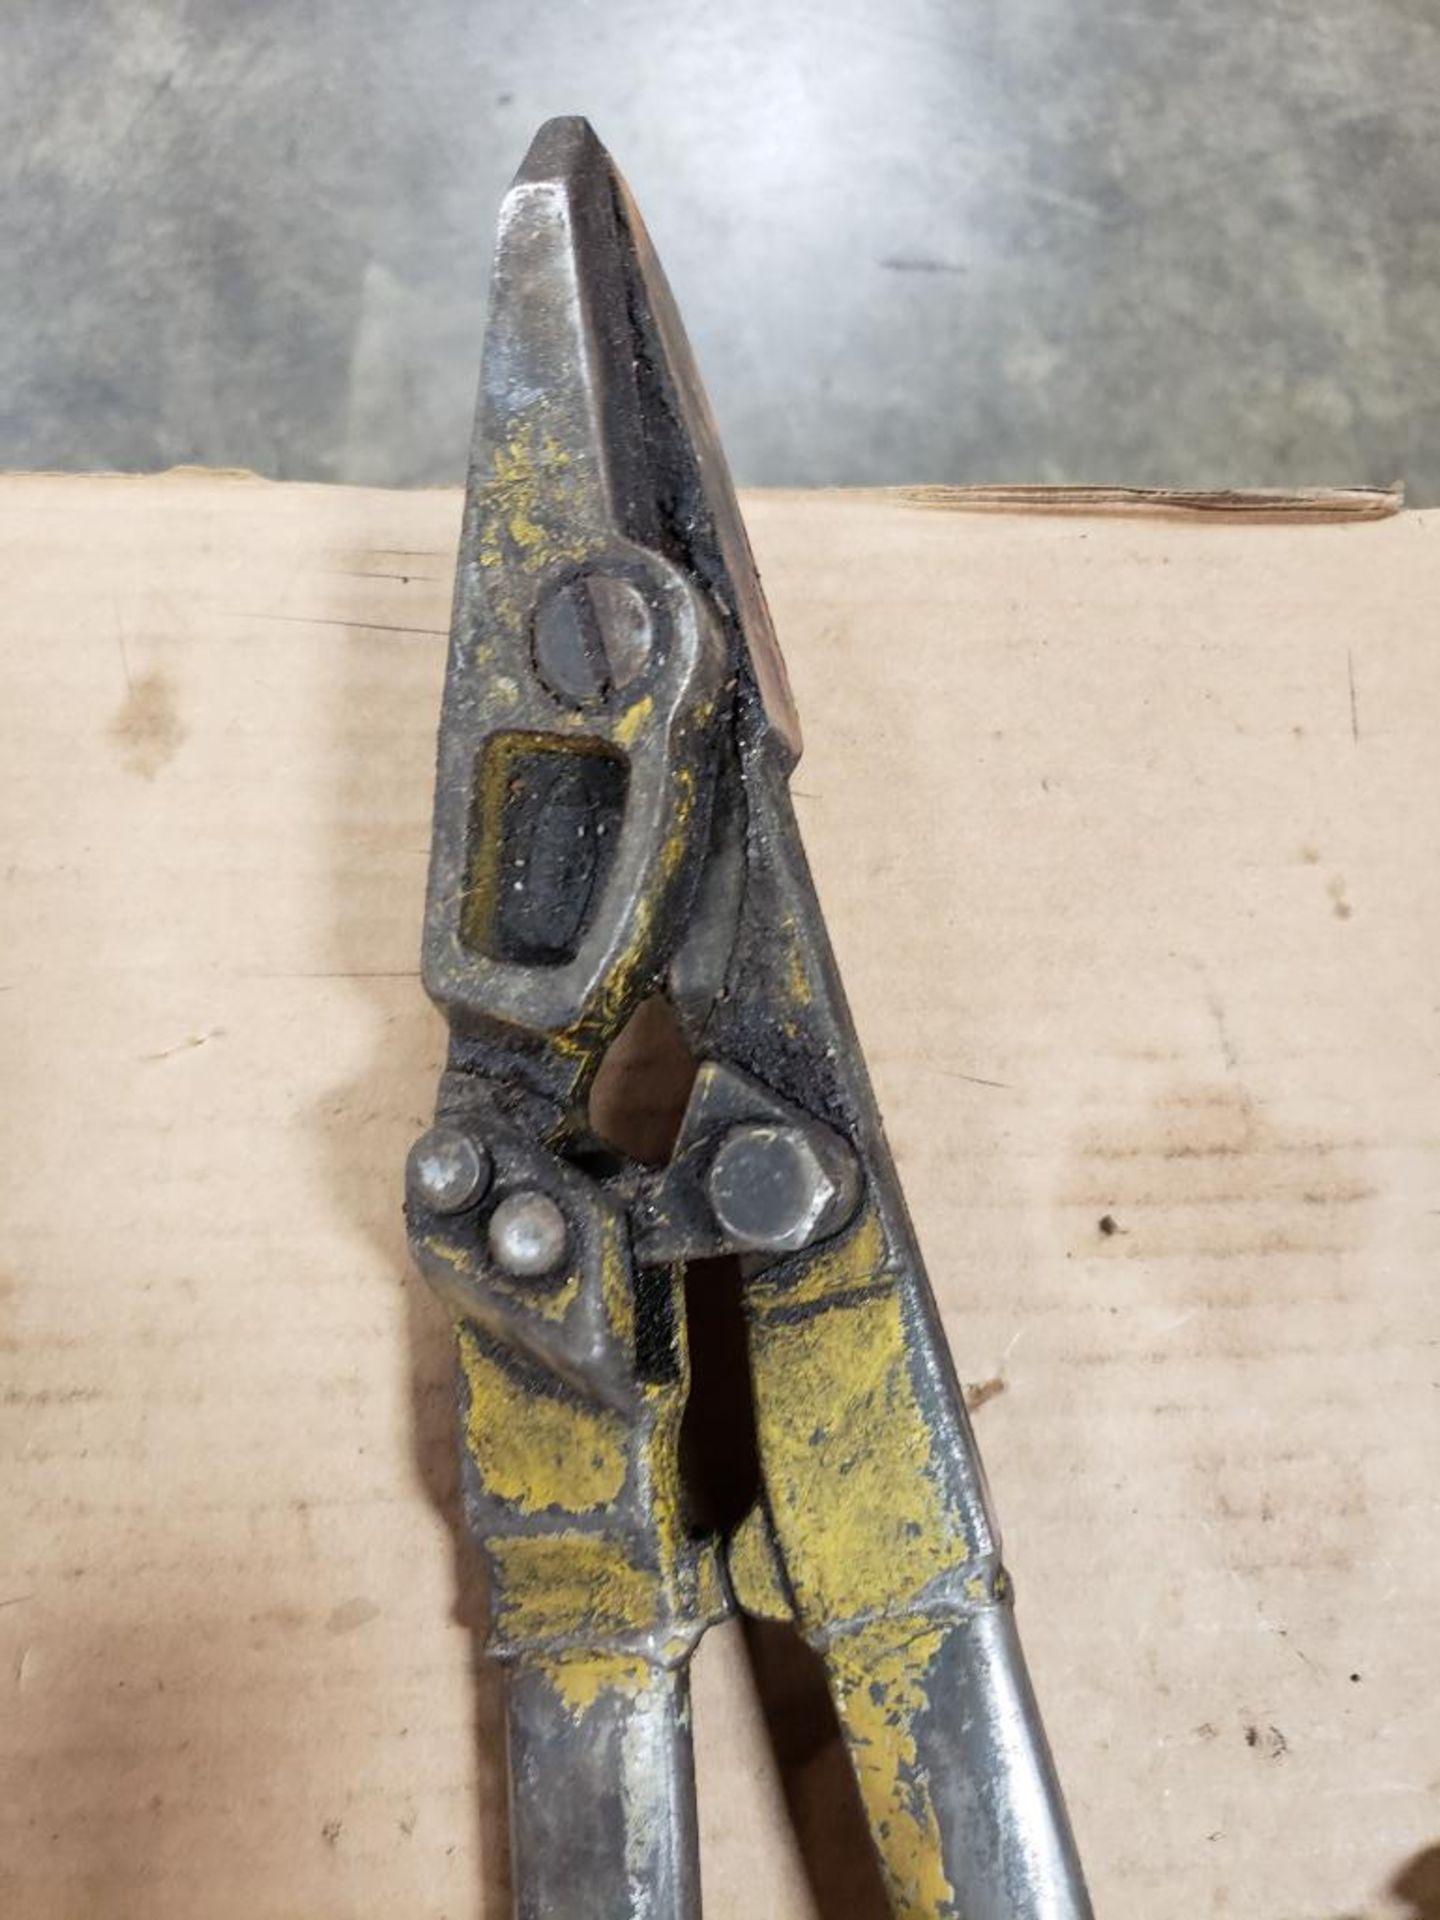 Banding tool set. - Image 5 of 6